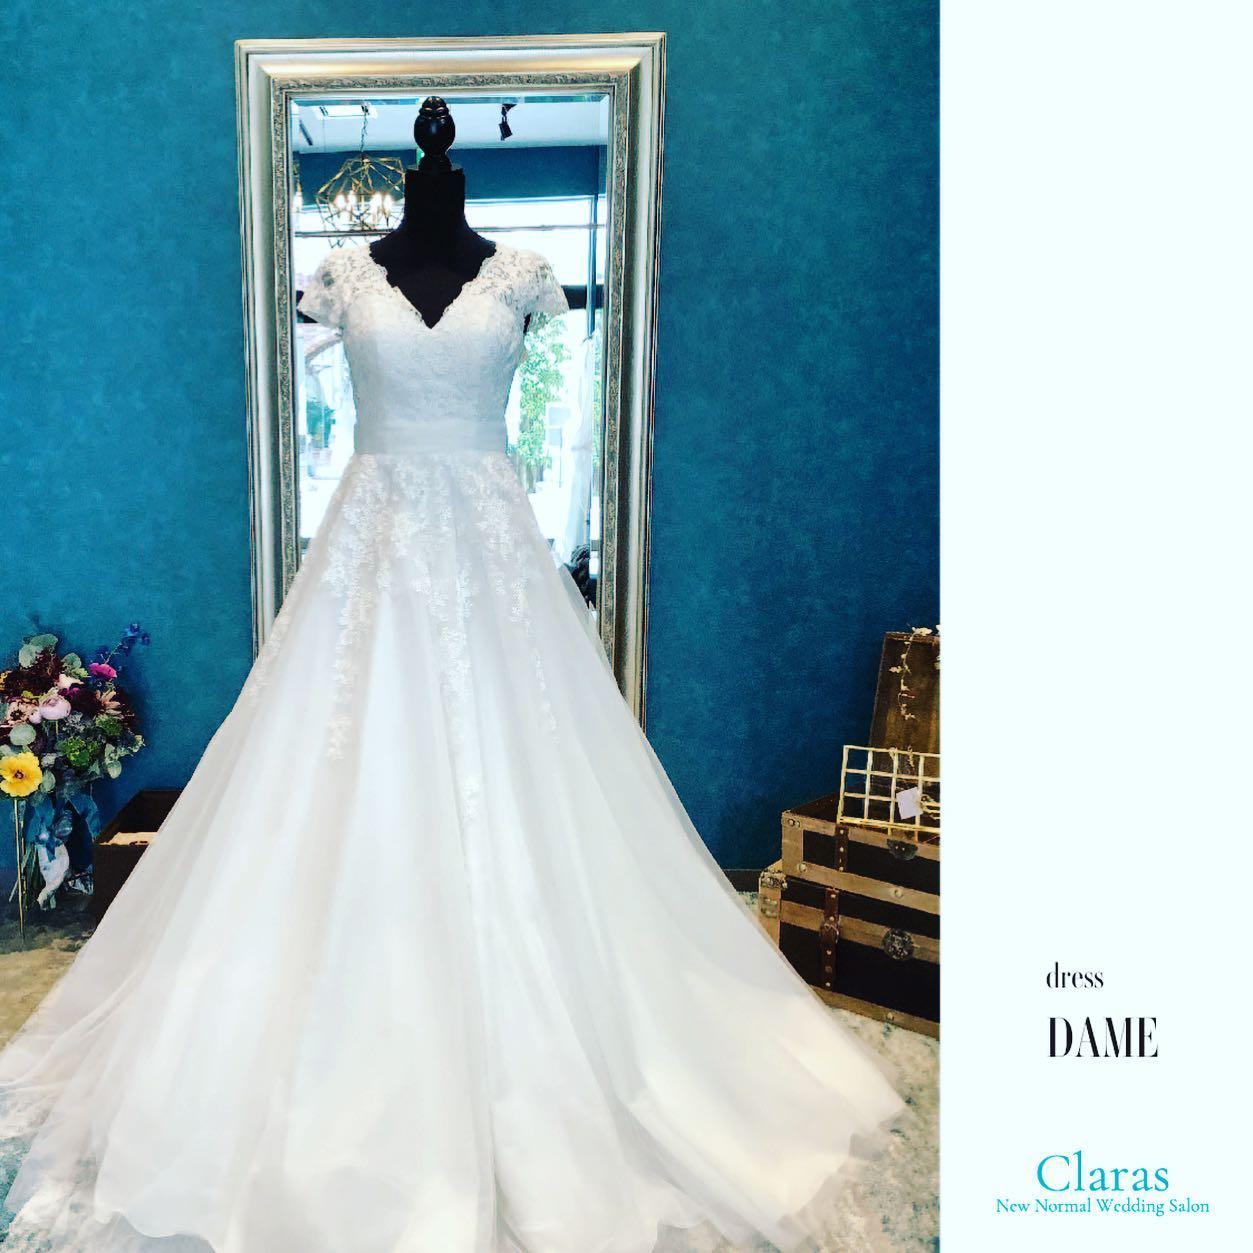 """🕊Claras elegant🕊Clarasでは珍しい王道Aラインのelegant dress・トップスの美しいレースとバランス良く見せるネック&ショルダーデザインで素敵な女性を演出スカートは優しいチュール素材なので重厚感ある会場でもナチュラルなフォトウェディングでも、どちらもシーンに溶け込む万能dress🤍・""""Dame""""購入価格:¥320,000・#wedding #weddingdress #instagood #instalike #claras #paris #ウェディングドレス #プレ花嫁 #ドレス試着 #ドレス迷子#2021冬婚 #ヘアメイク #結婚式  #ドレス選び #前撮り #インポートドレス #フォトウェディング #ウェディングヘア  #フォト婚 #ニューノーマル #ブライダルフォト #カップルフォト #ウェディングドレス探し #ウェディングドレス試着 #セルドレス #ドレスショップ  #クラシカルドレス #ホテルウェディング #運命のドレス"""